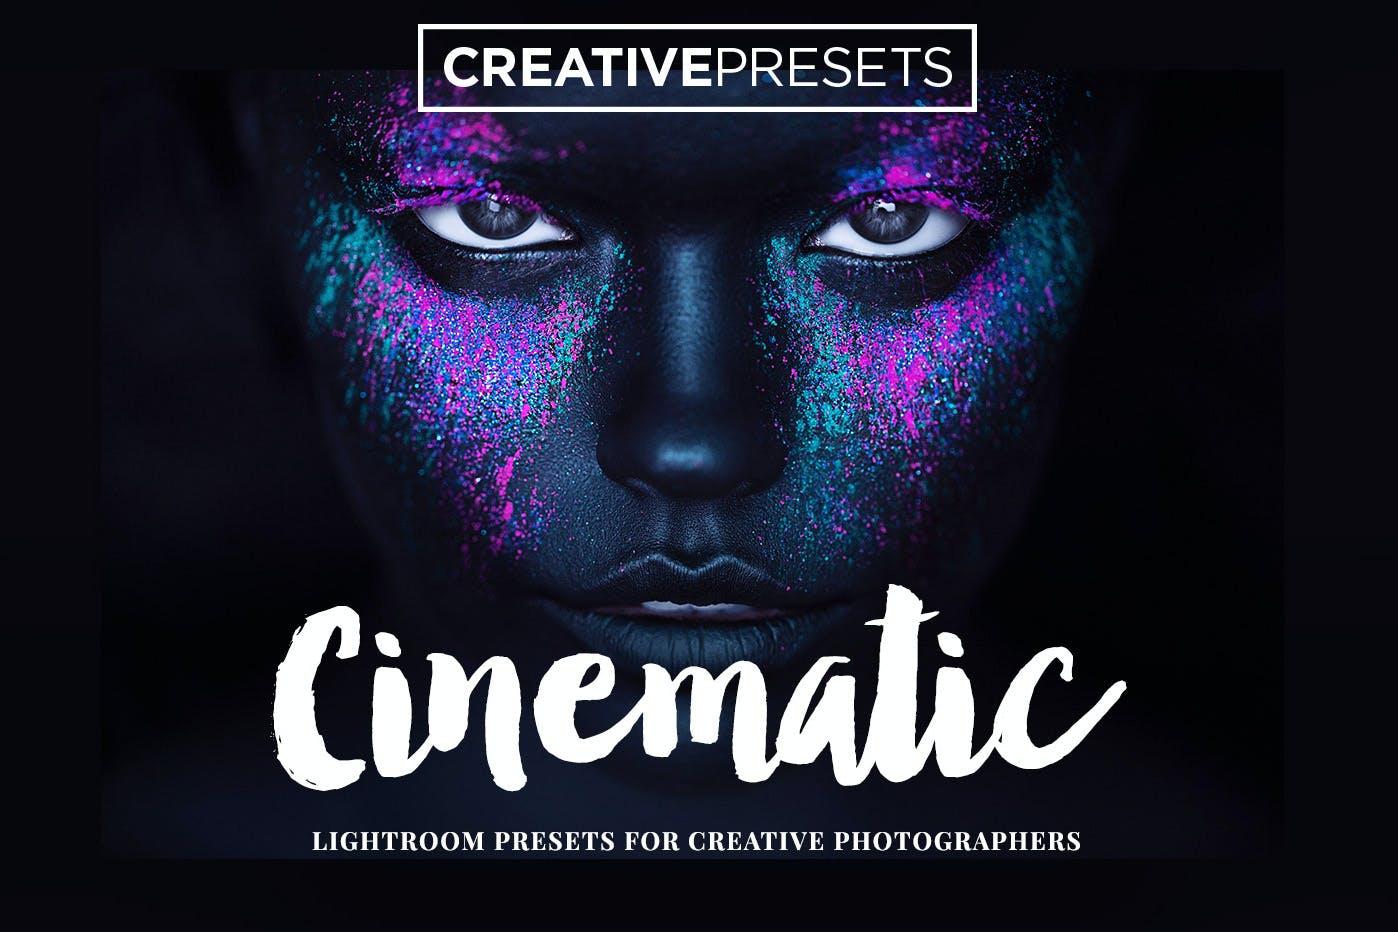 20种电影效果摄影照片调色LR预设 Cinematic Lightroom Presets插图